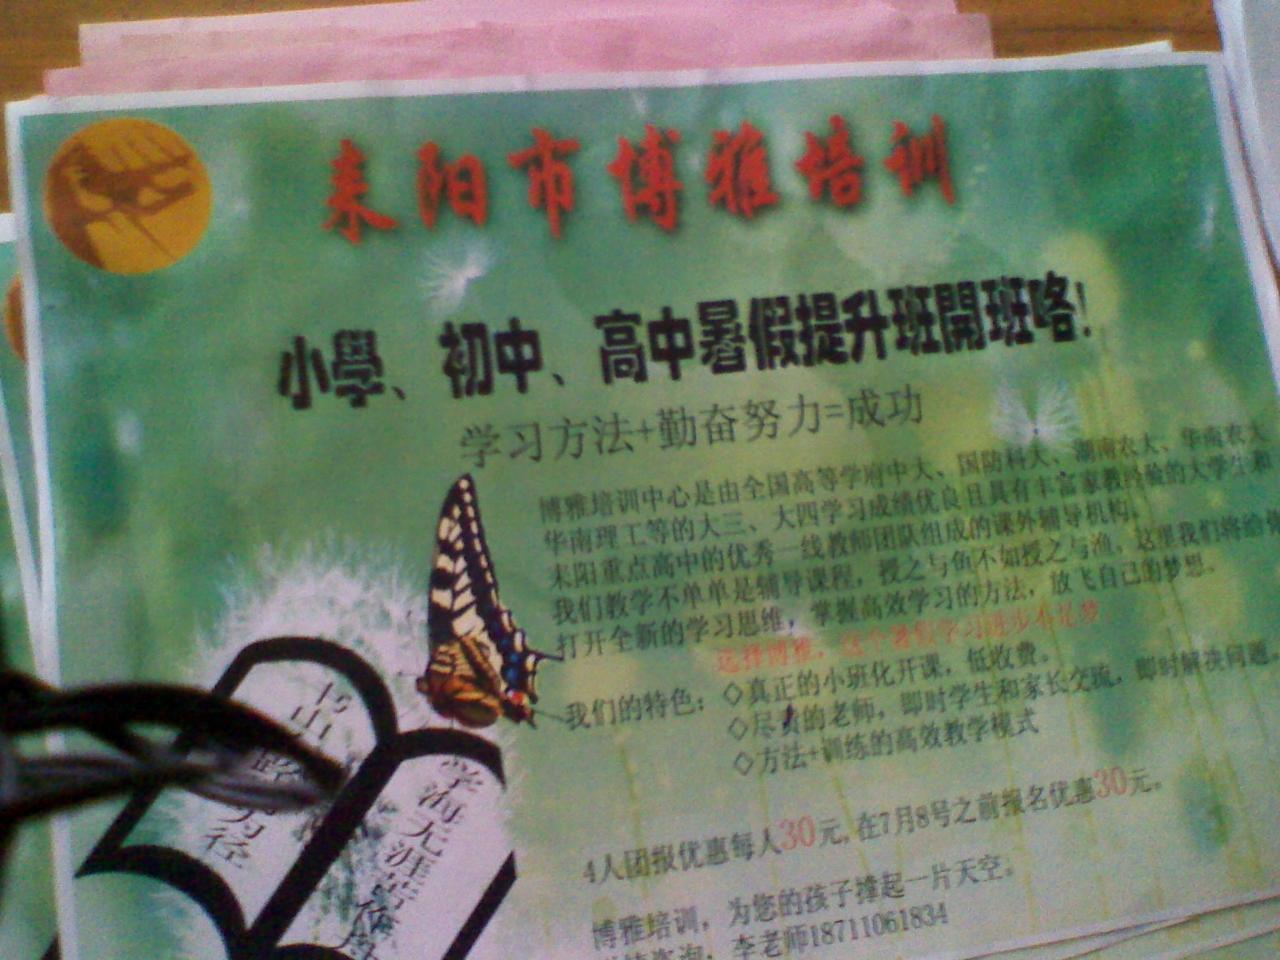 耒阳博雅家教培训招收高中学生寒假辅导